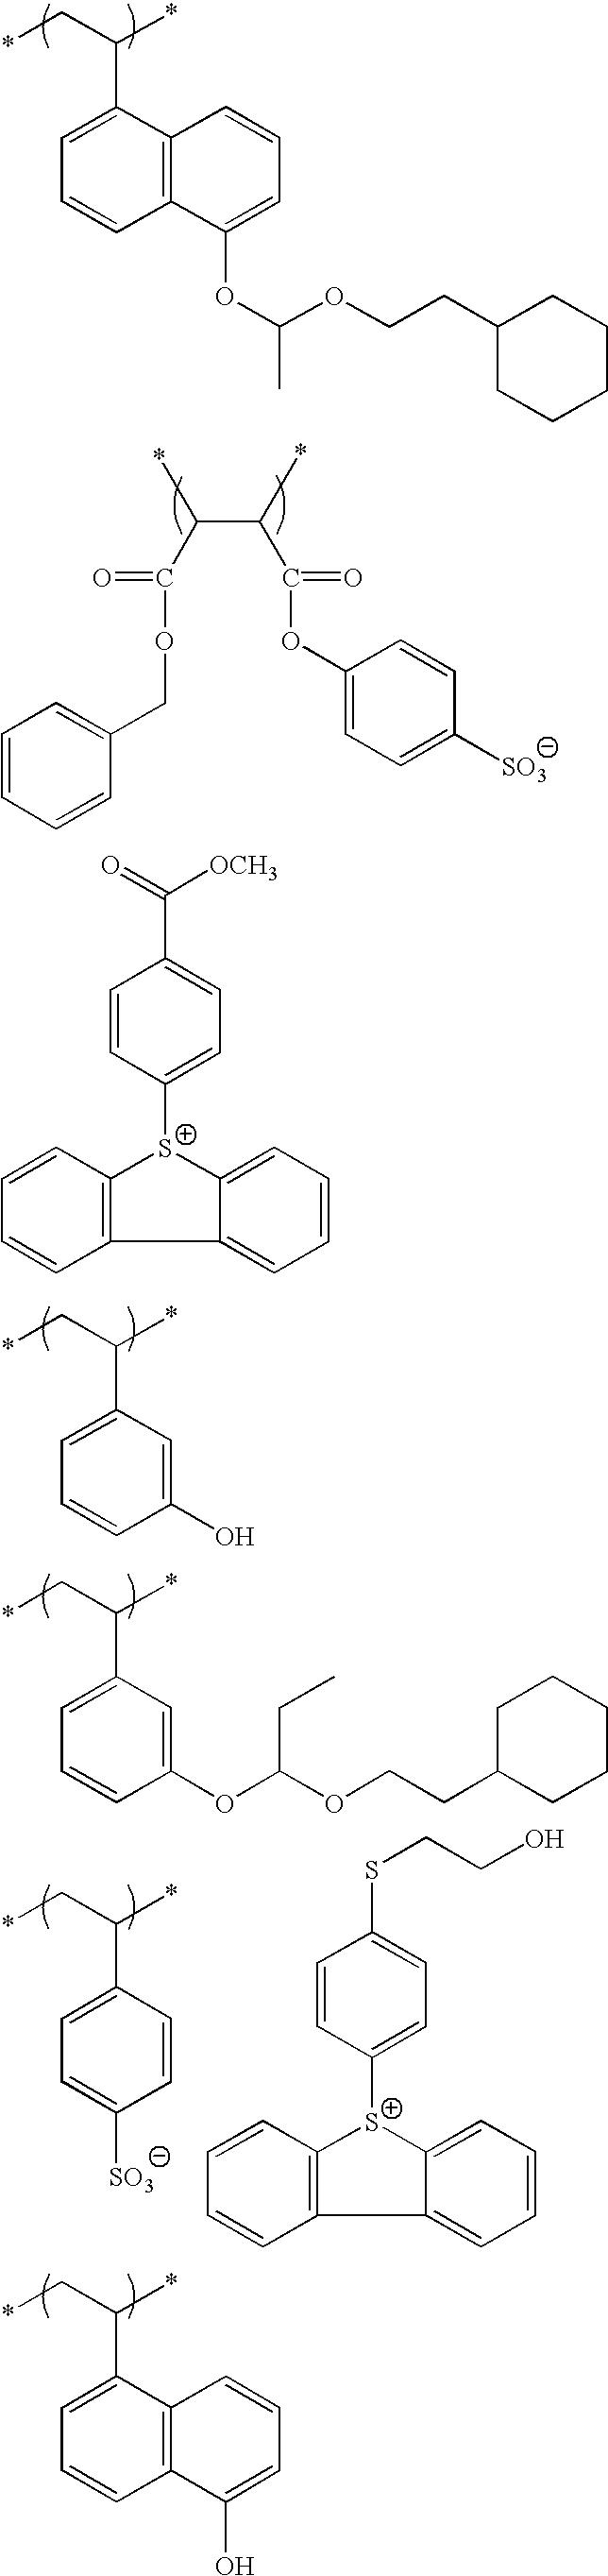 Figure US20100183975A1-20100722-C00185